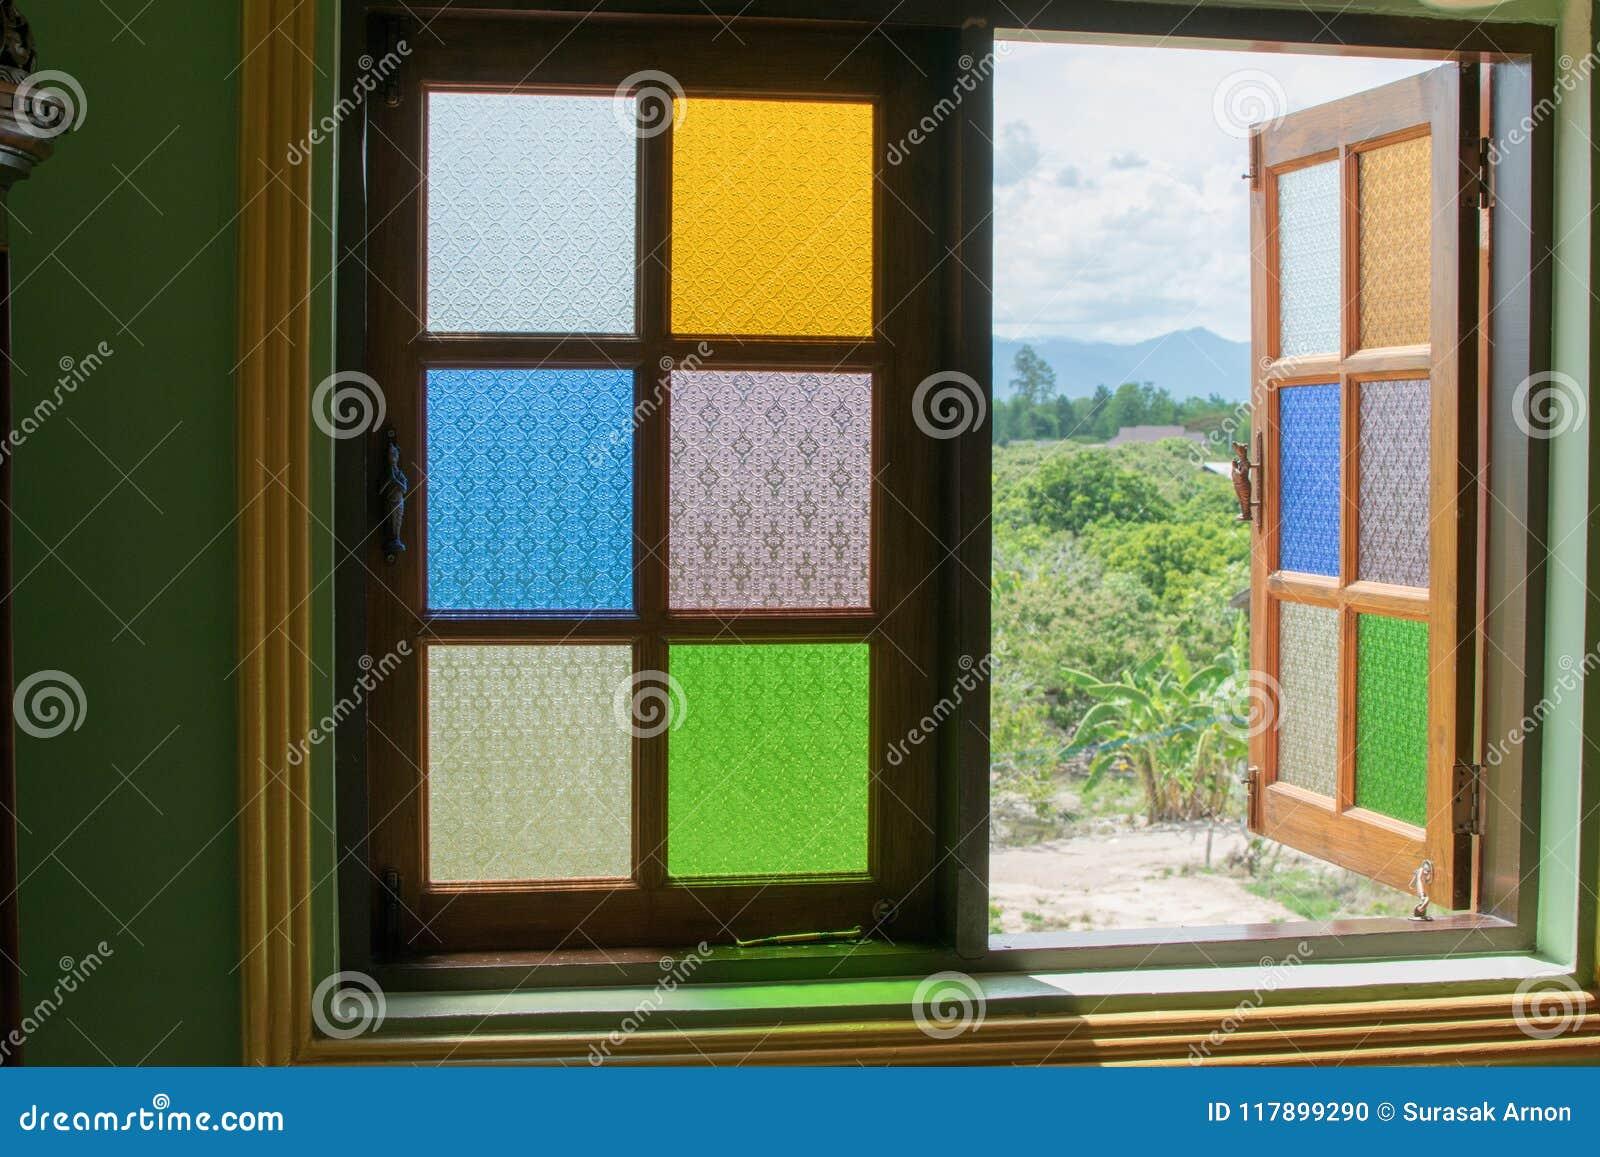 La ventana es un espejo multicolor La reflexión es hermosa